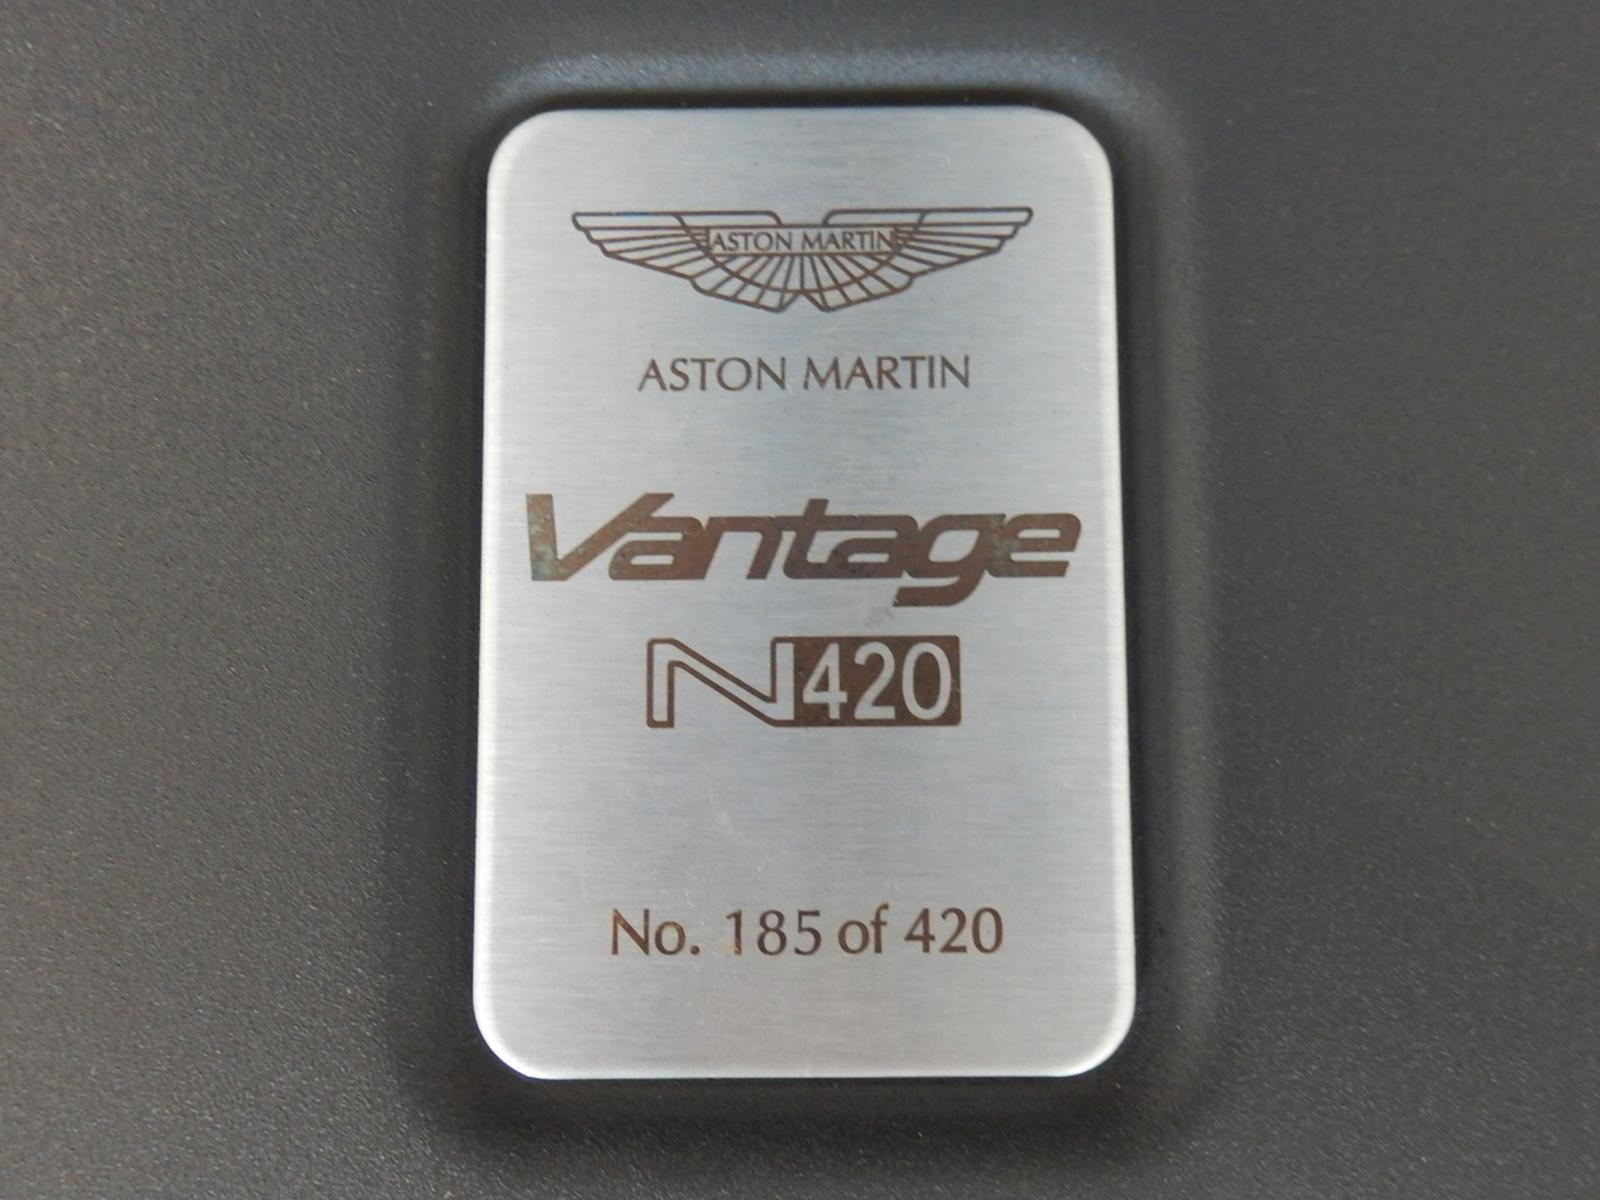 V8 ヴァンテージ N420 バッジ